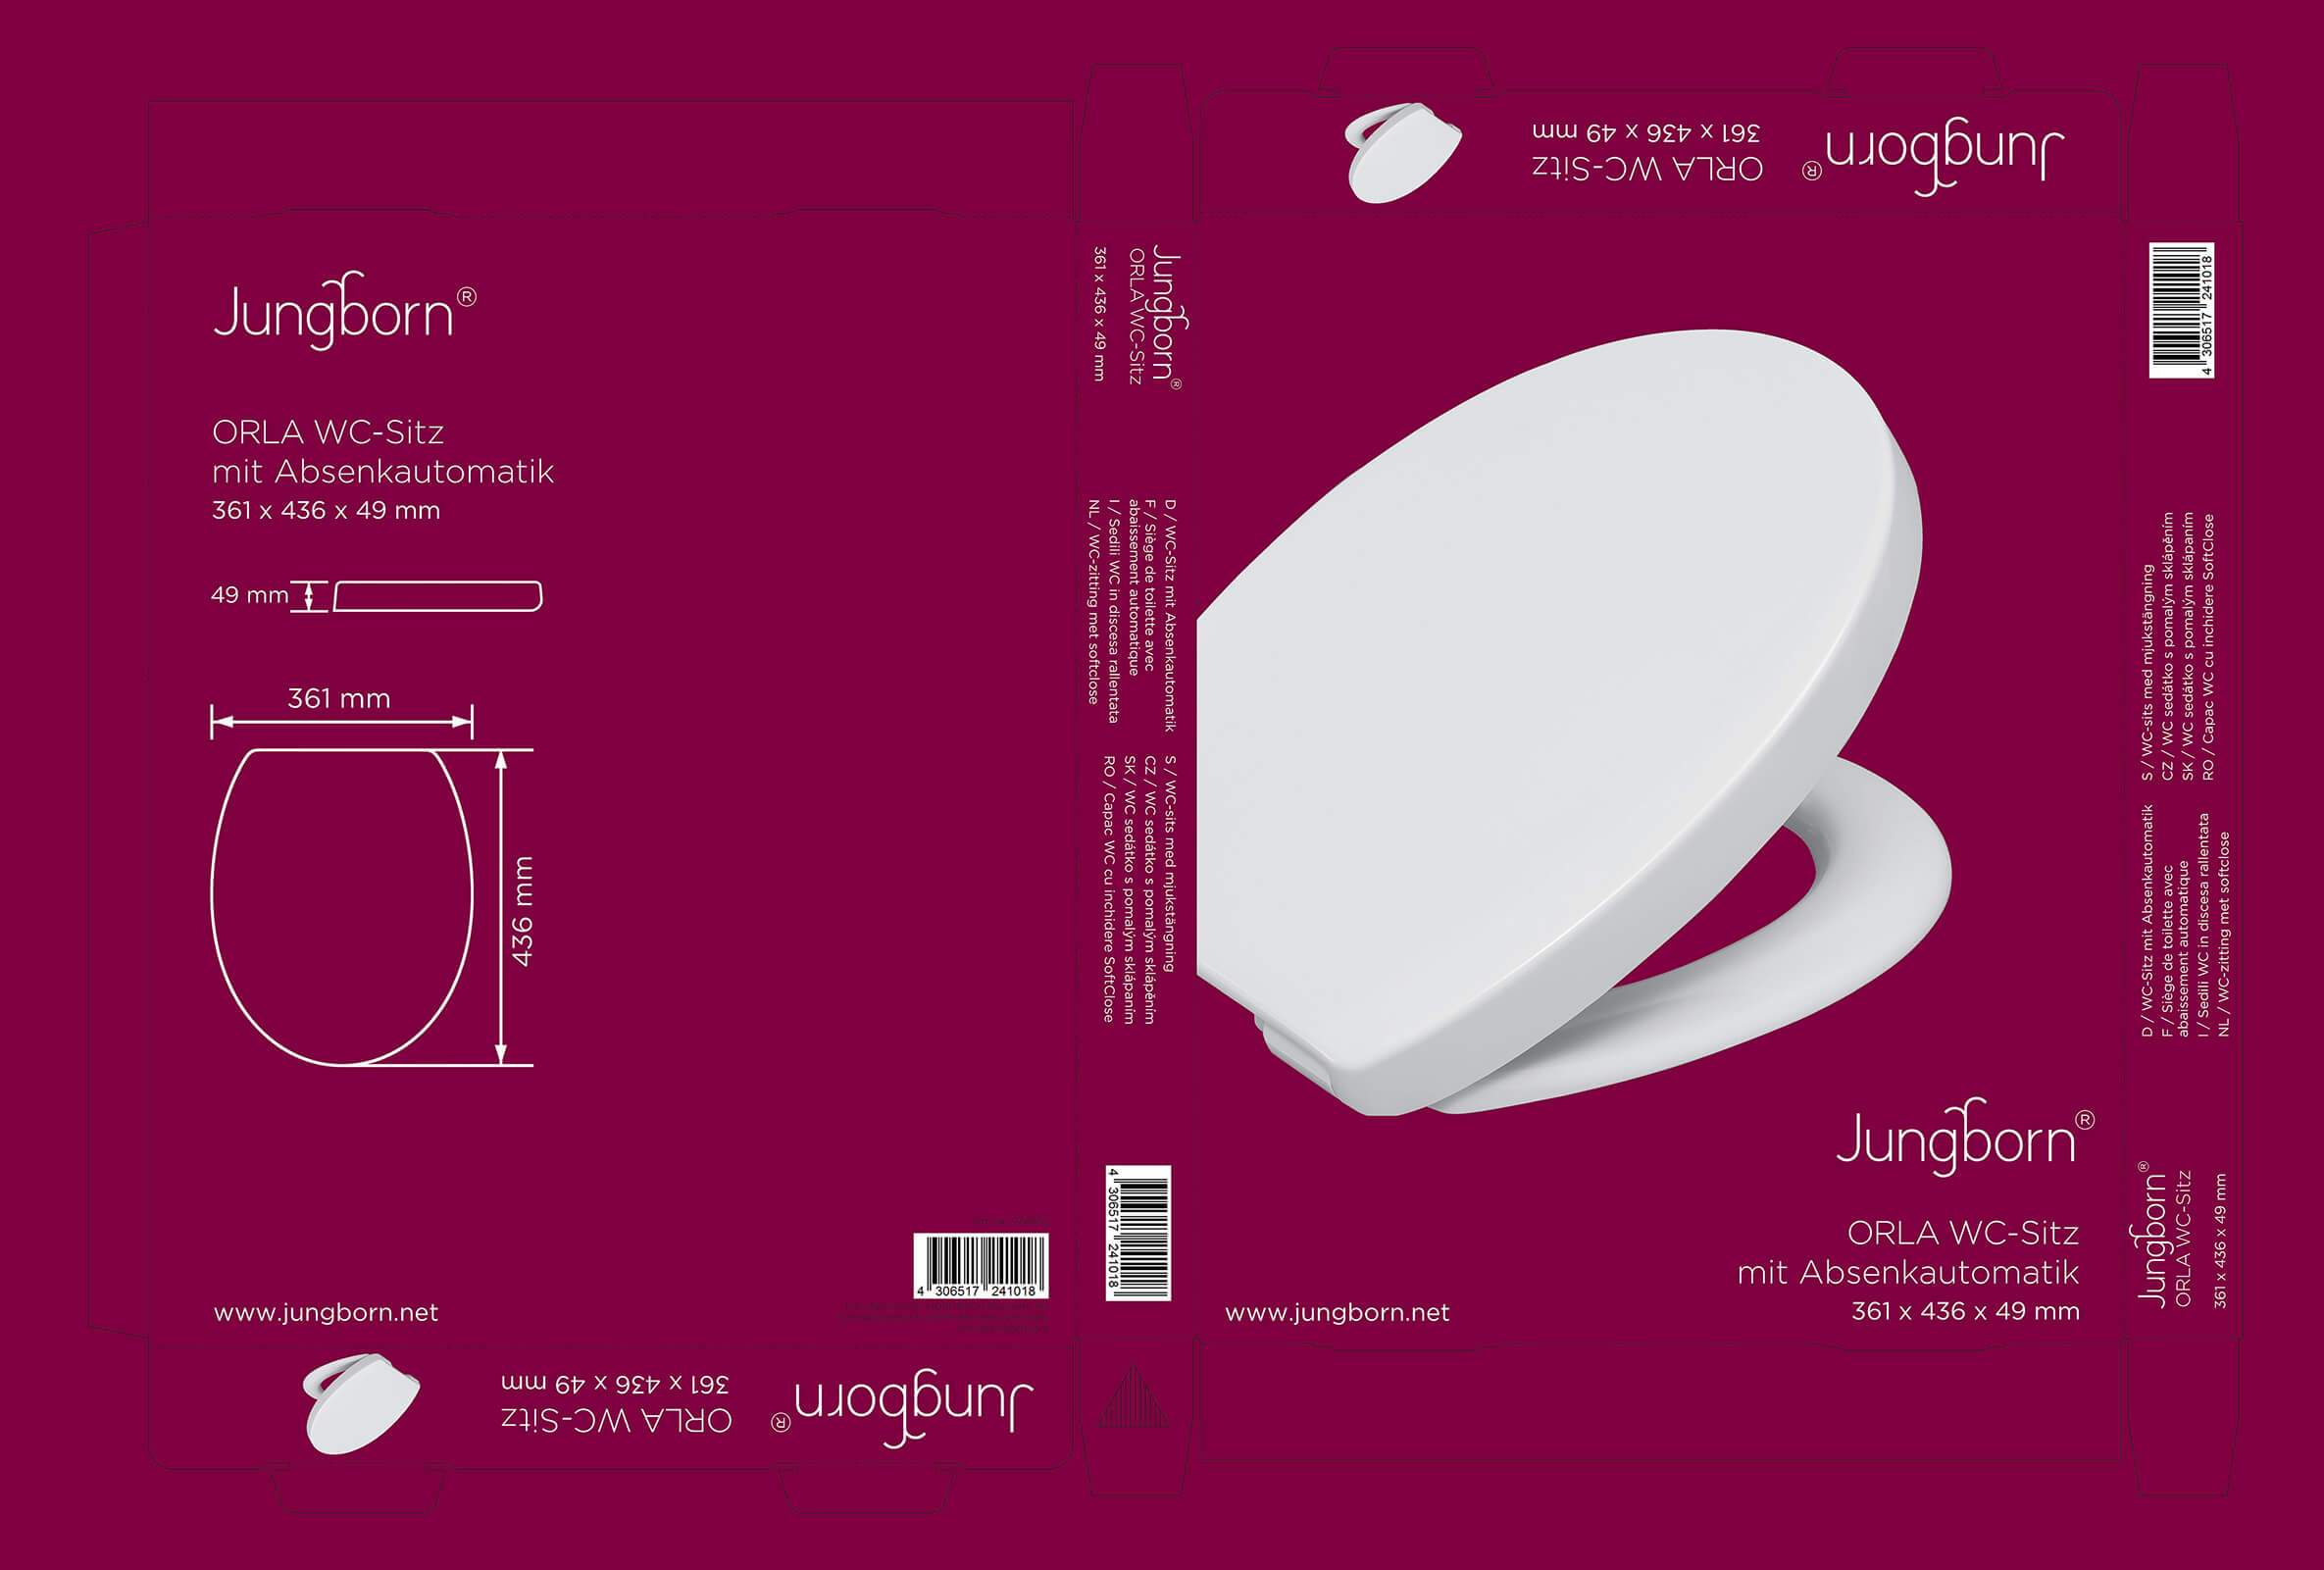 Jungborn-Kartonage Hamberger Sanitary